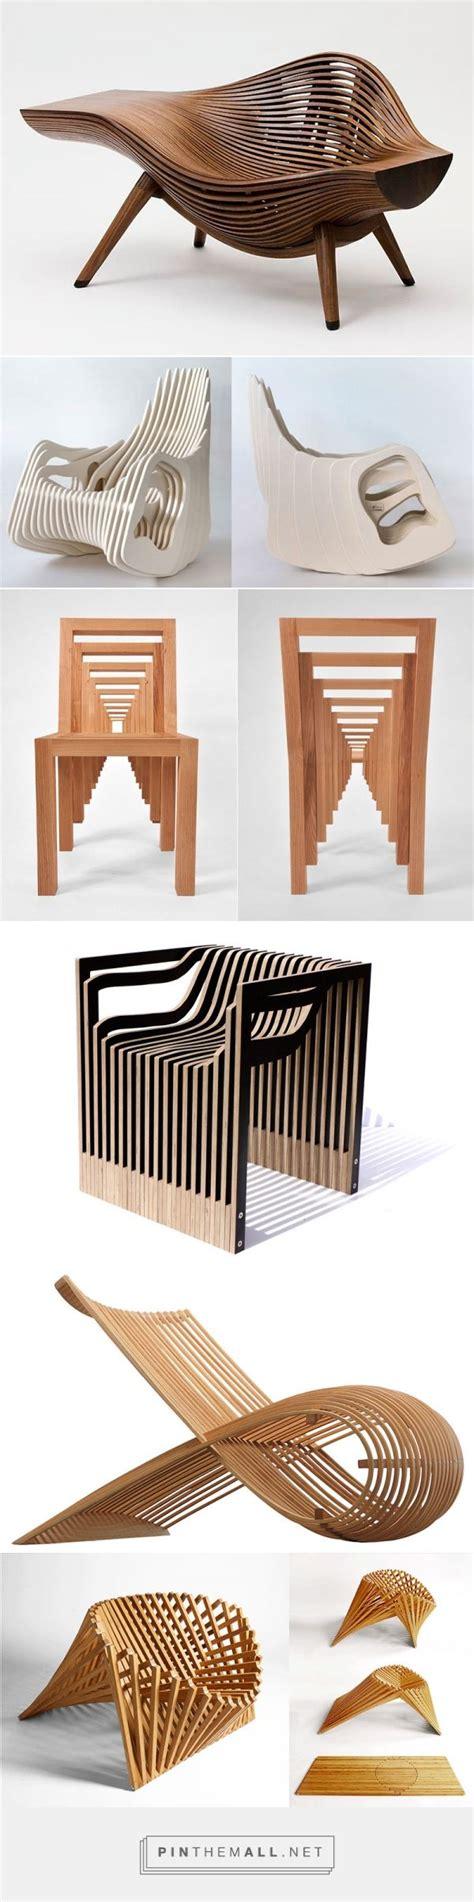 tavoli originali oltre 25 fantastiche idee su tavoli in legno su